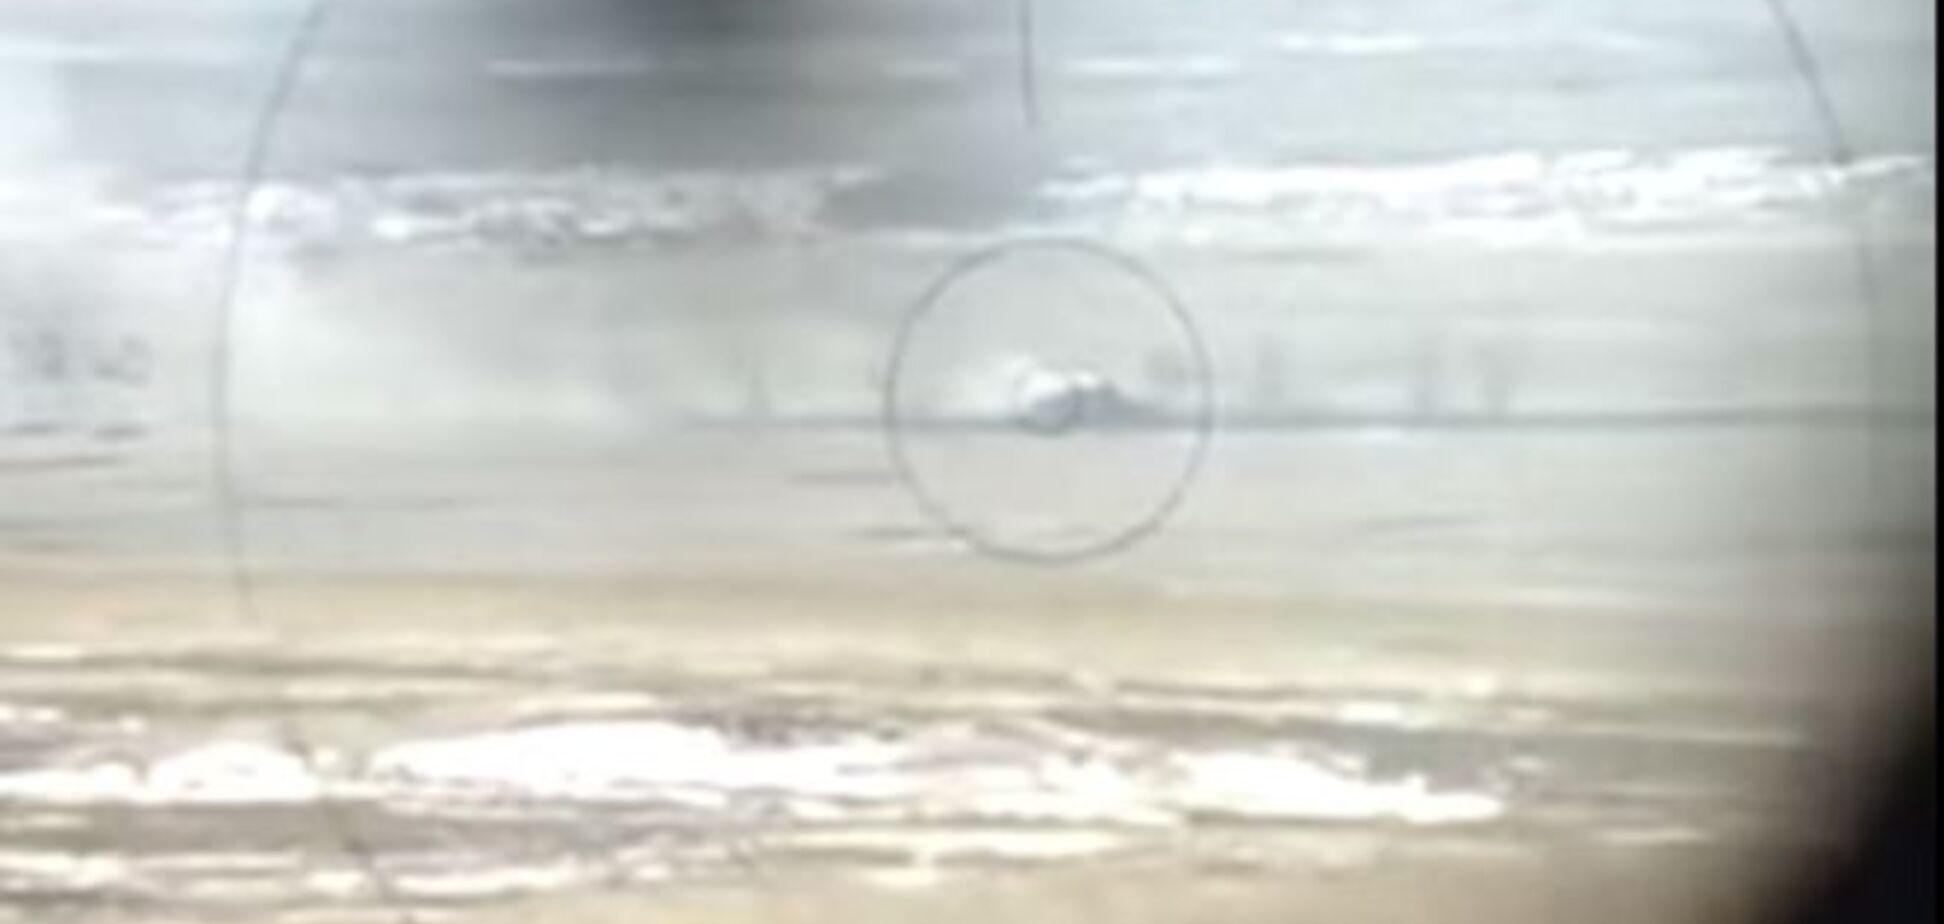 'Есть контакт!': бойцы 95-й бригады подбили танк террористов. Видеофакт